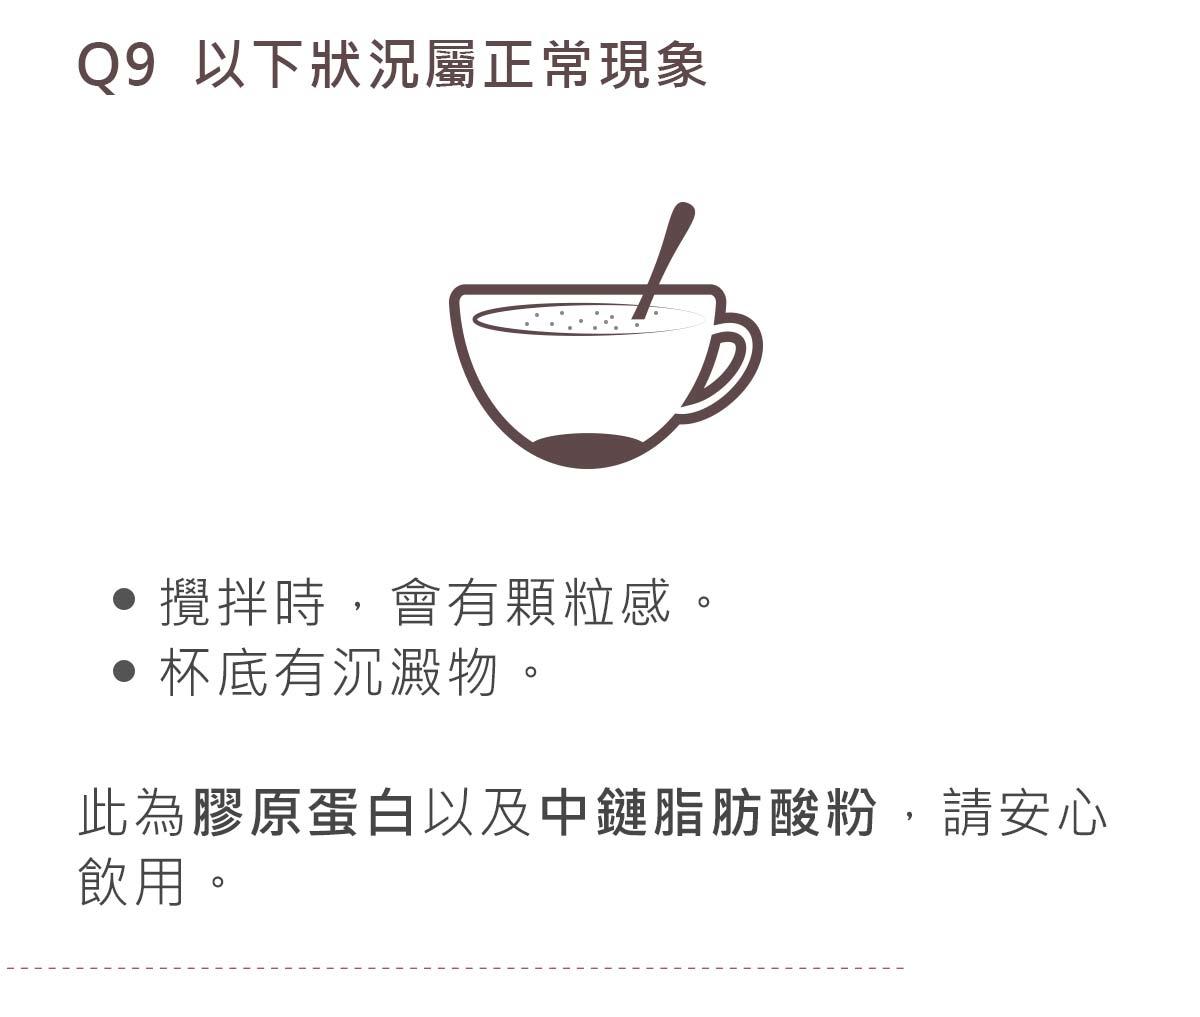 如有顆粒感、杯底有沉澱物-此為膠原蛋白以及中鏈脂肪酸粉-請安心食用-簡單入喉膠原蛋白防彈拿鐵咖啡